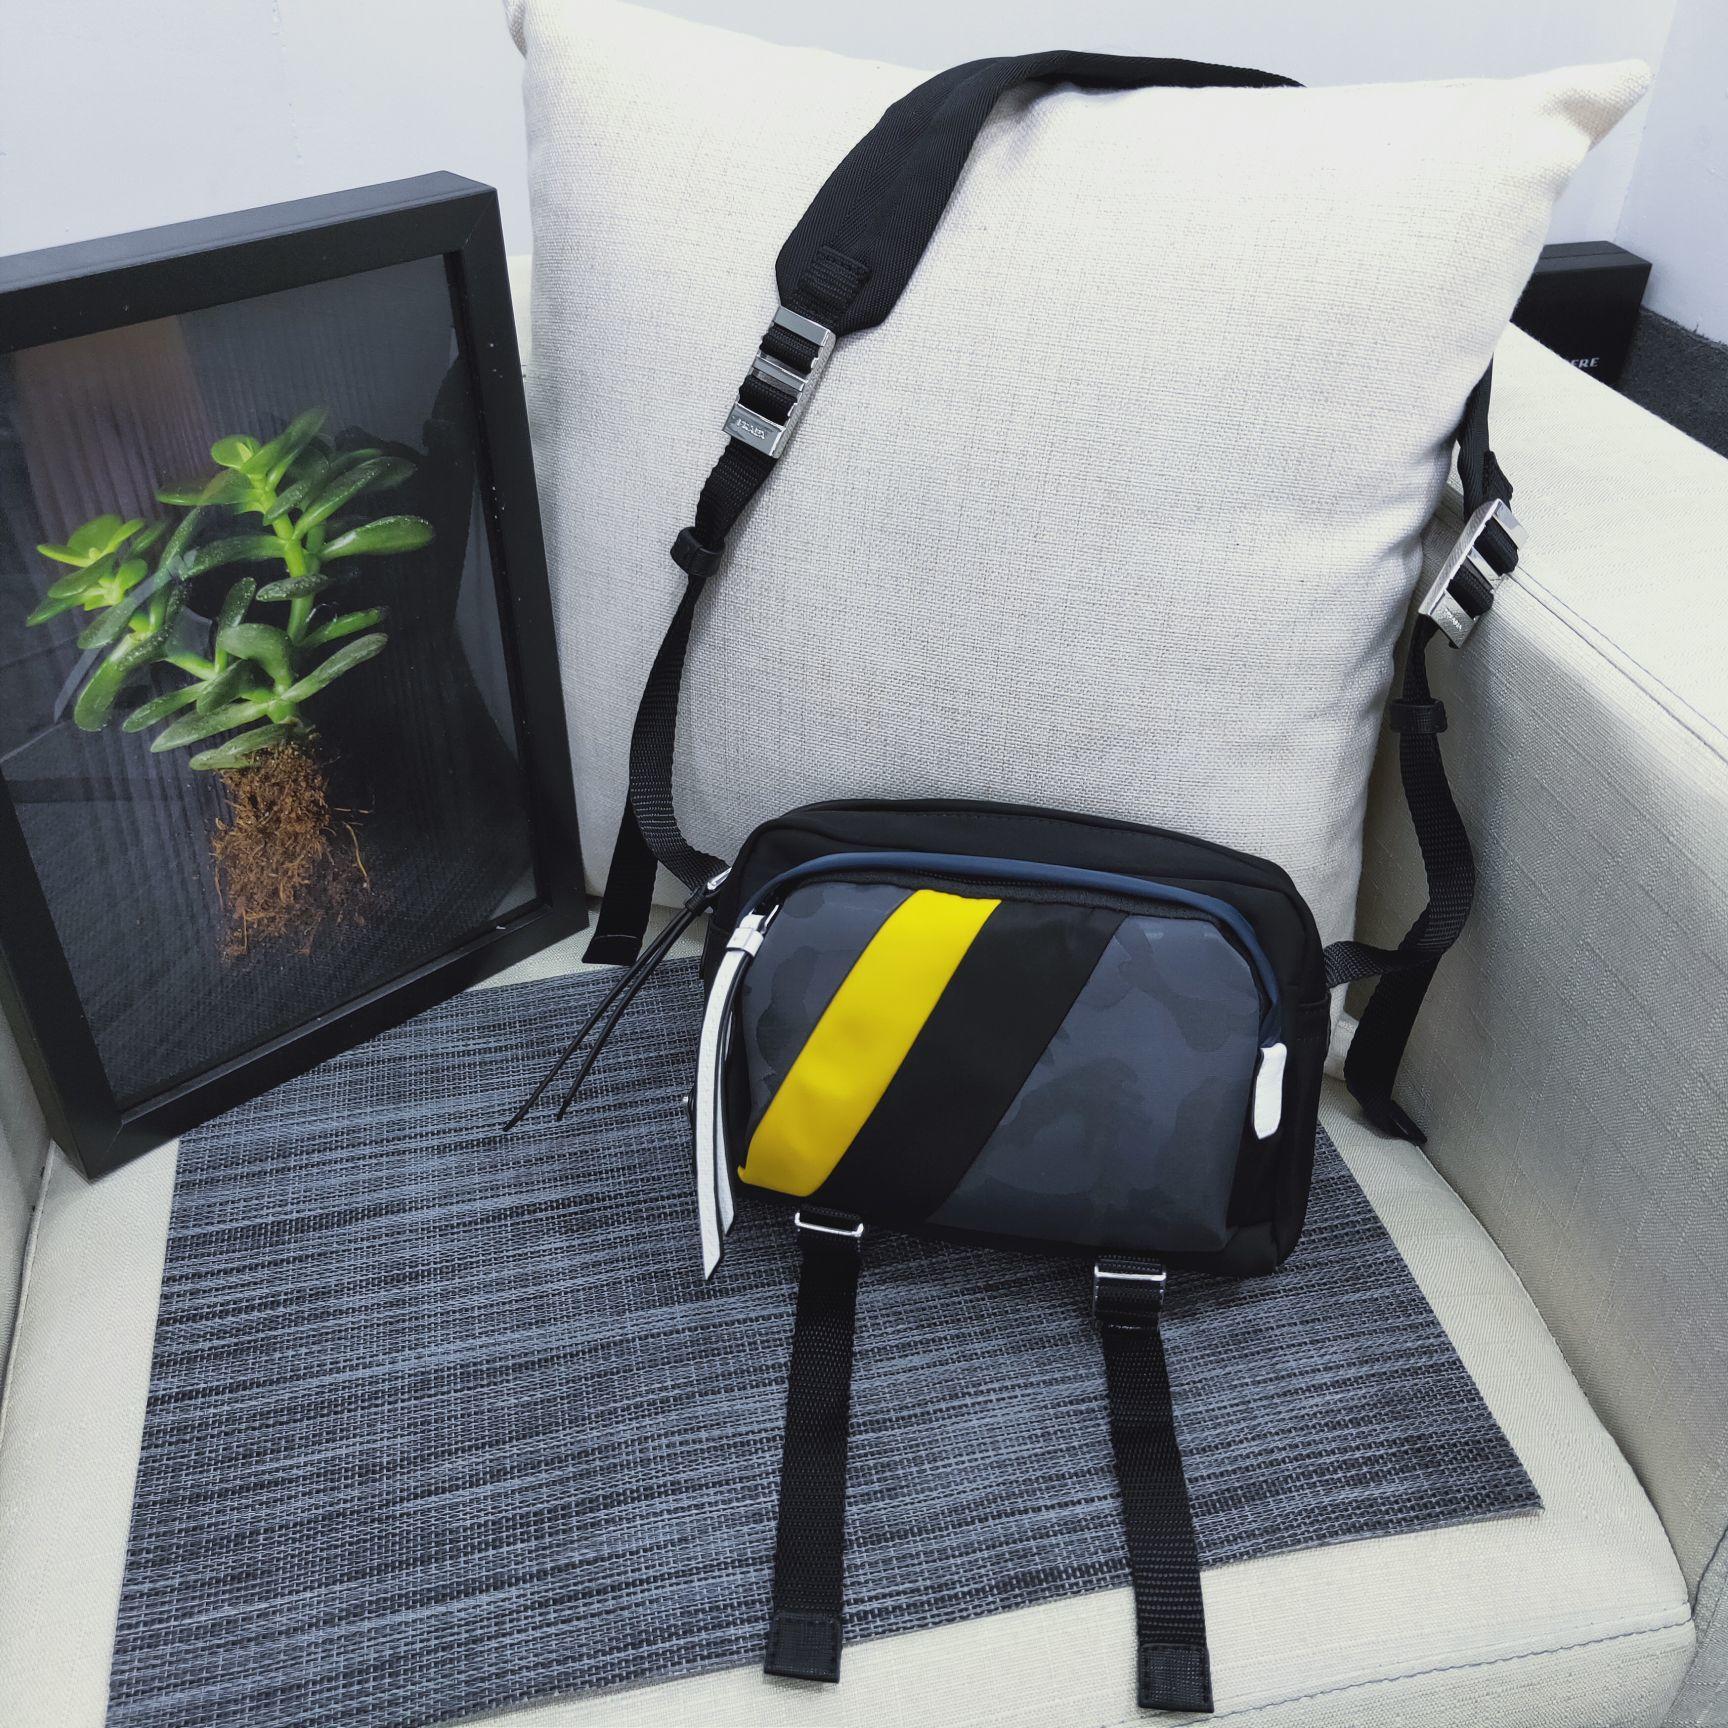 Replica Prada Men Printed Technical Fabric Bandoleer Bag 2VH043